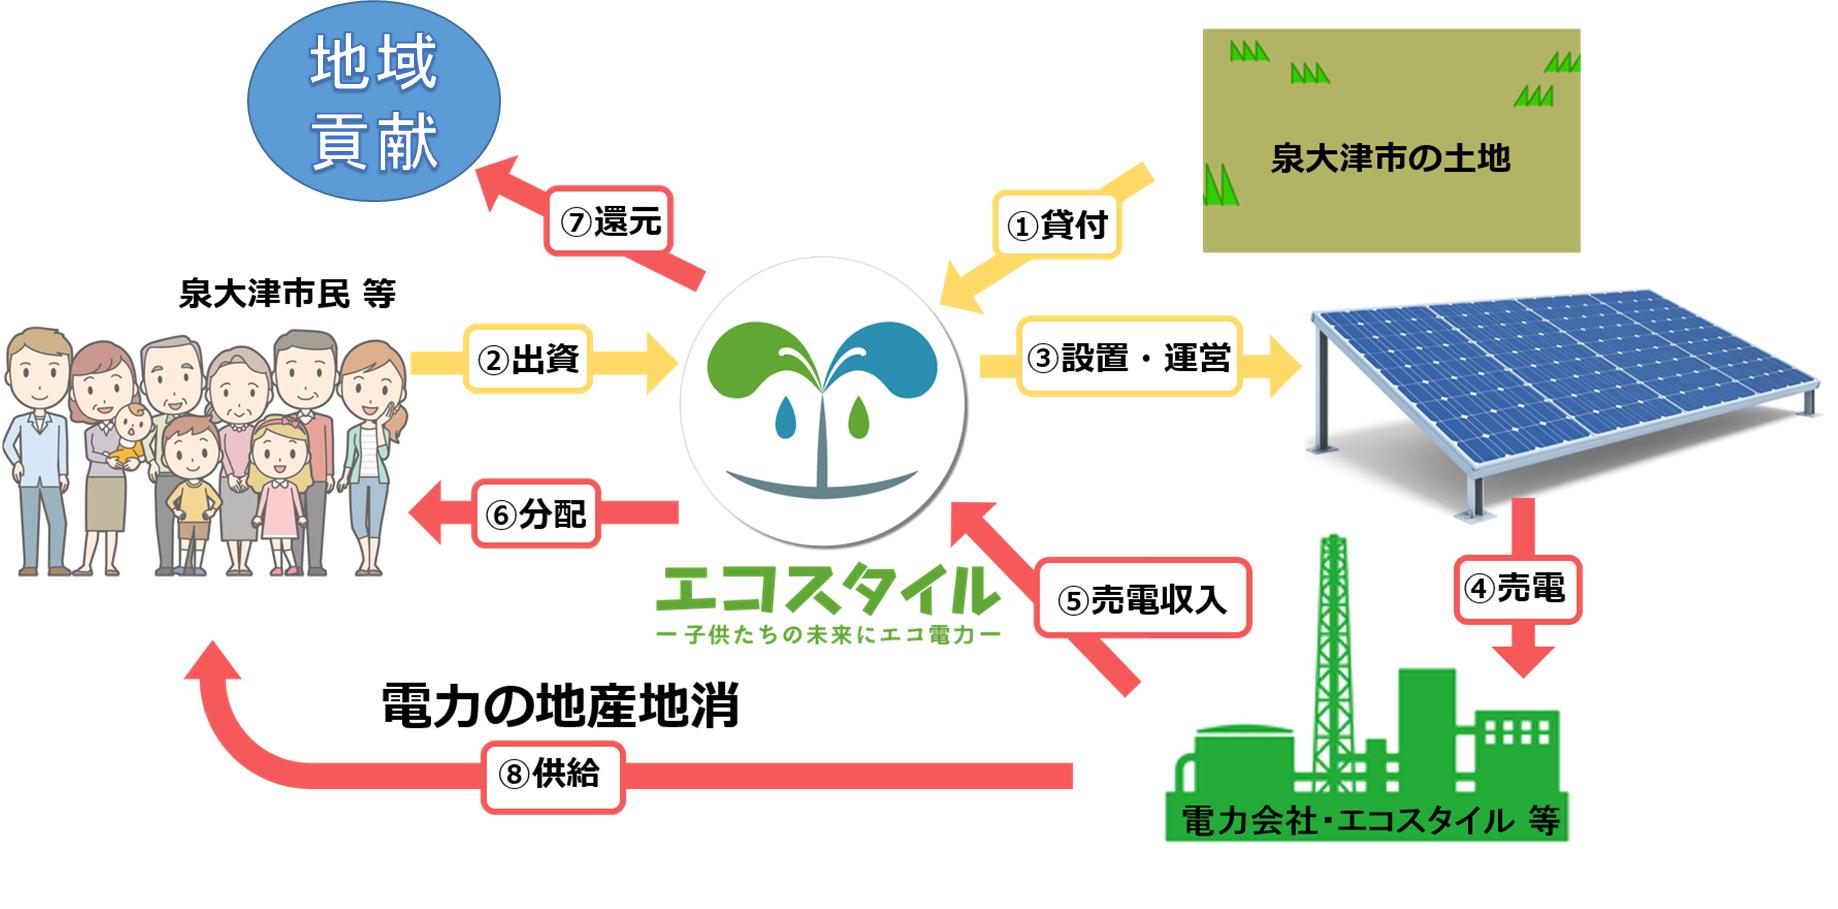 市民共同発電所事業の概要